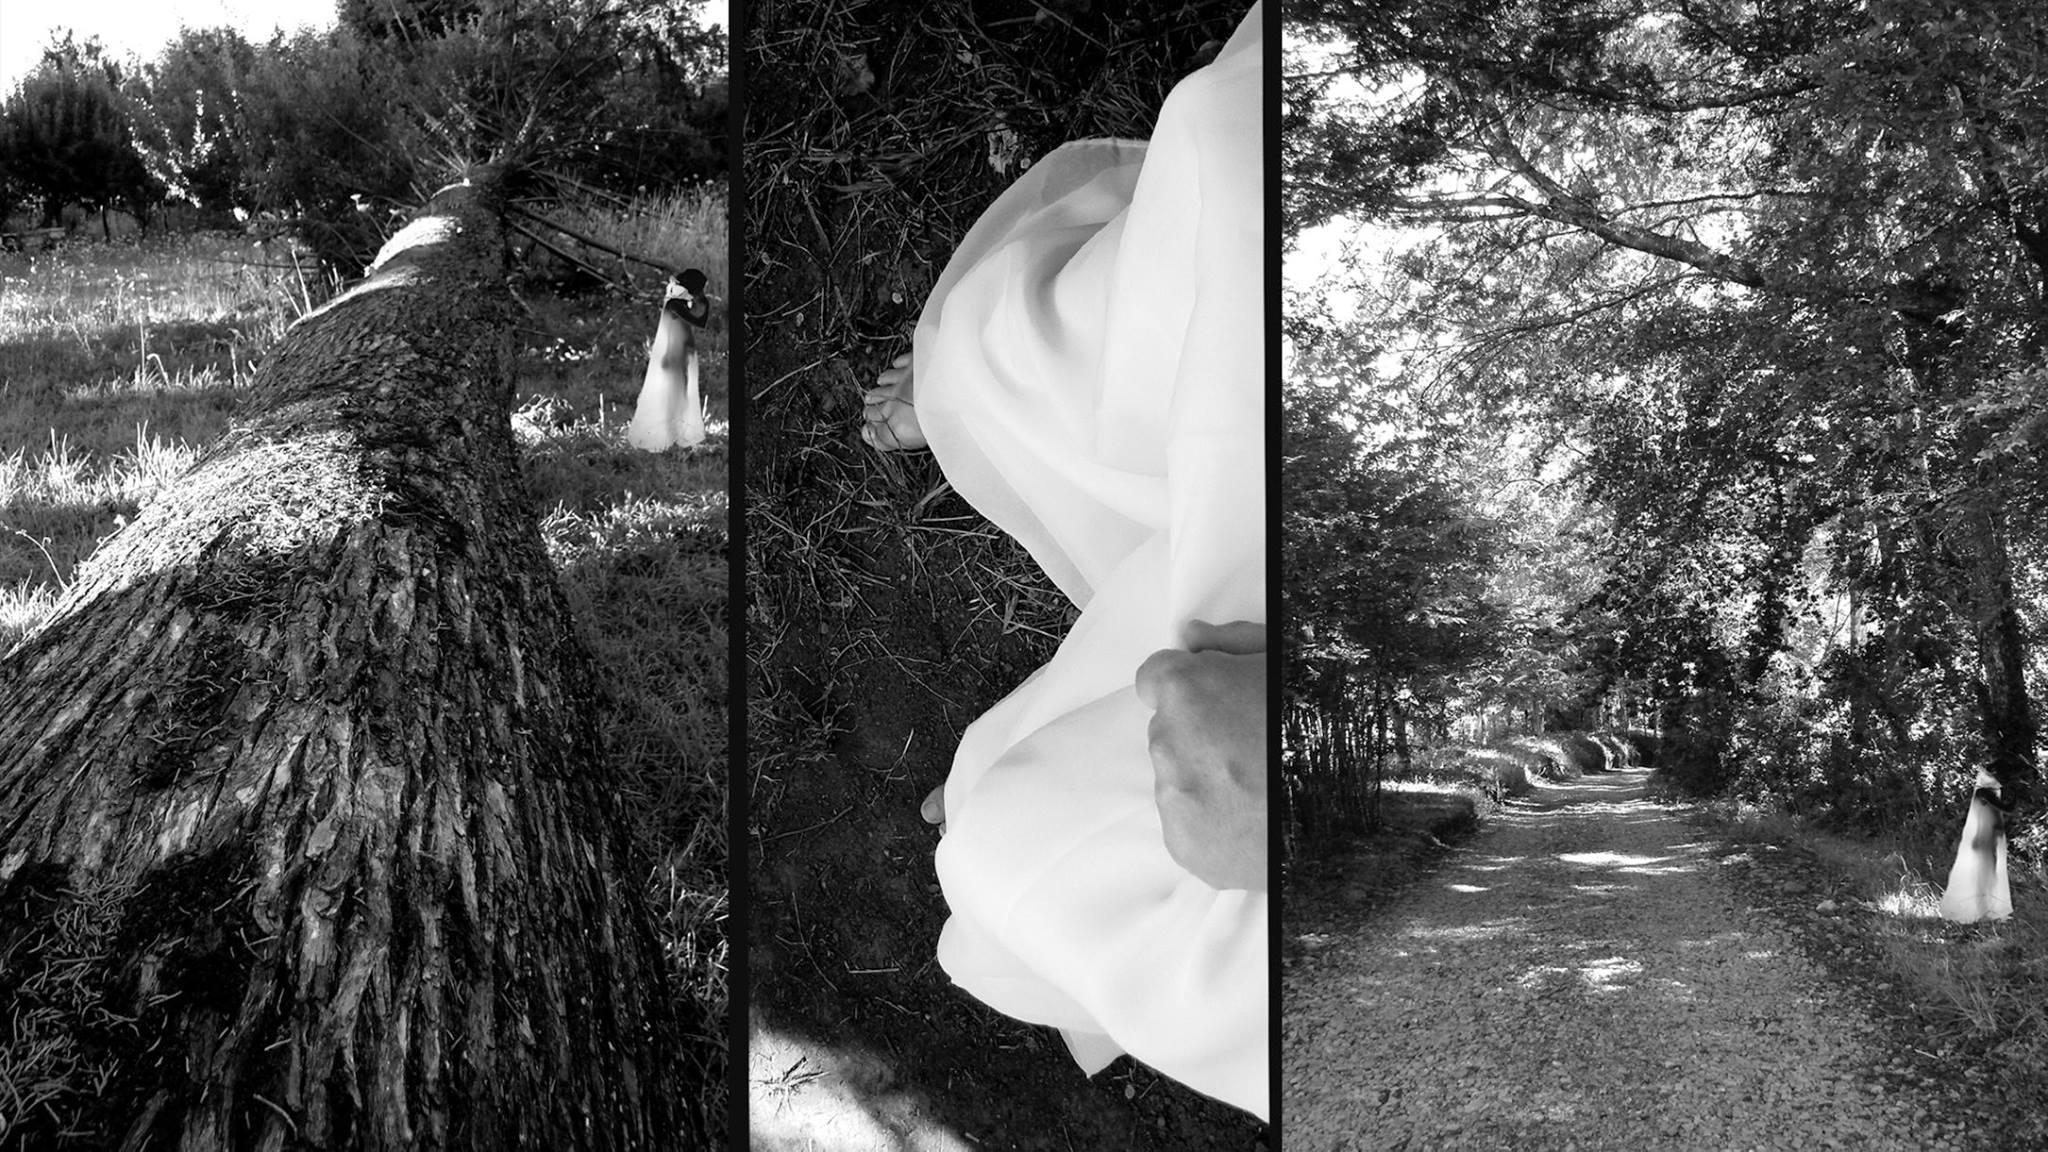 El Cuerpo del Deseo. Foto Collage (2014) - Marisol Frugone